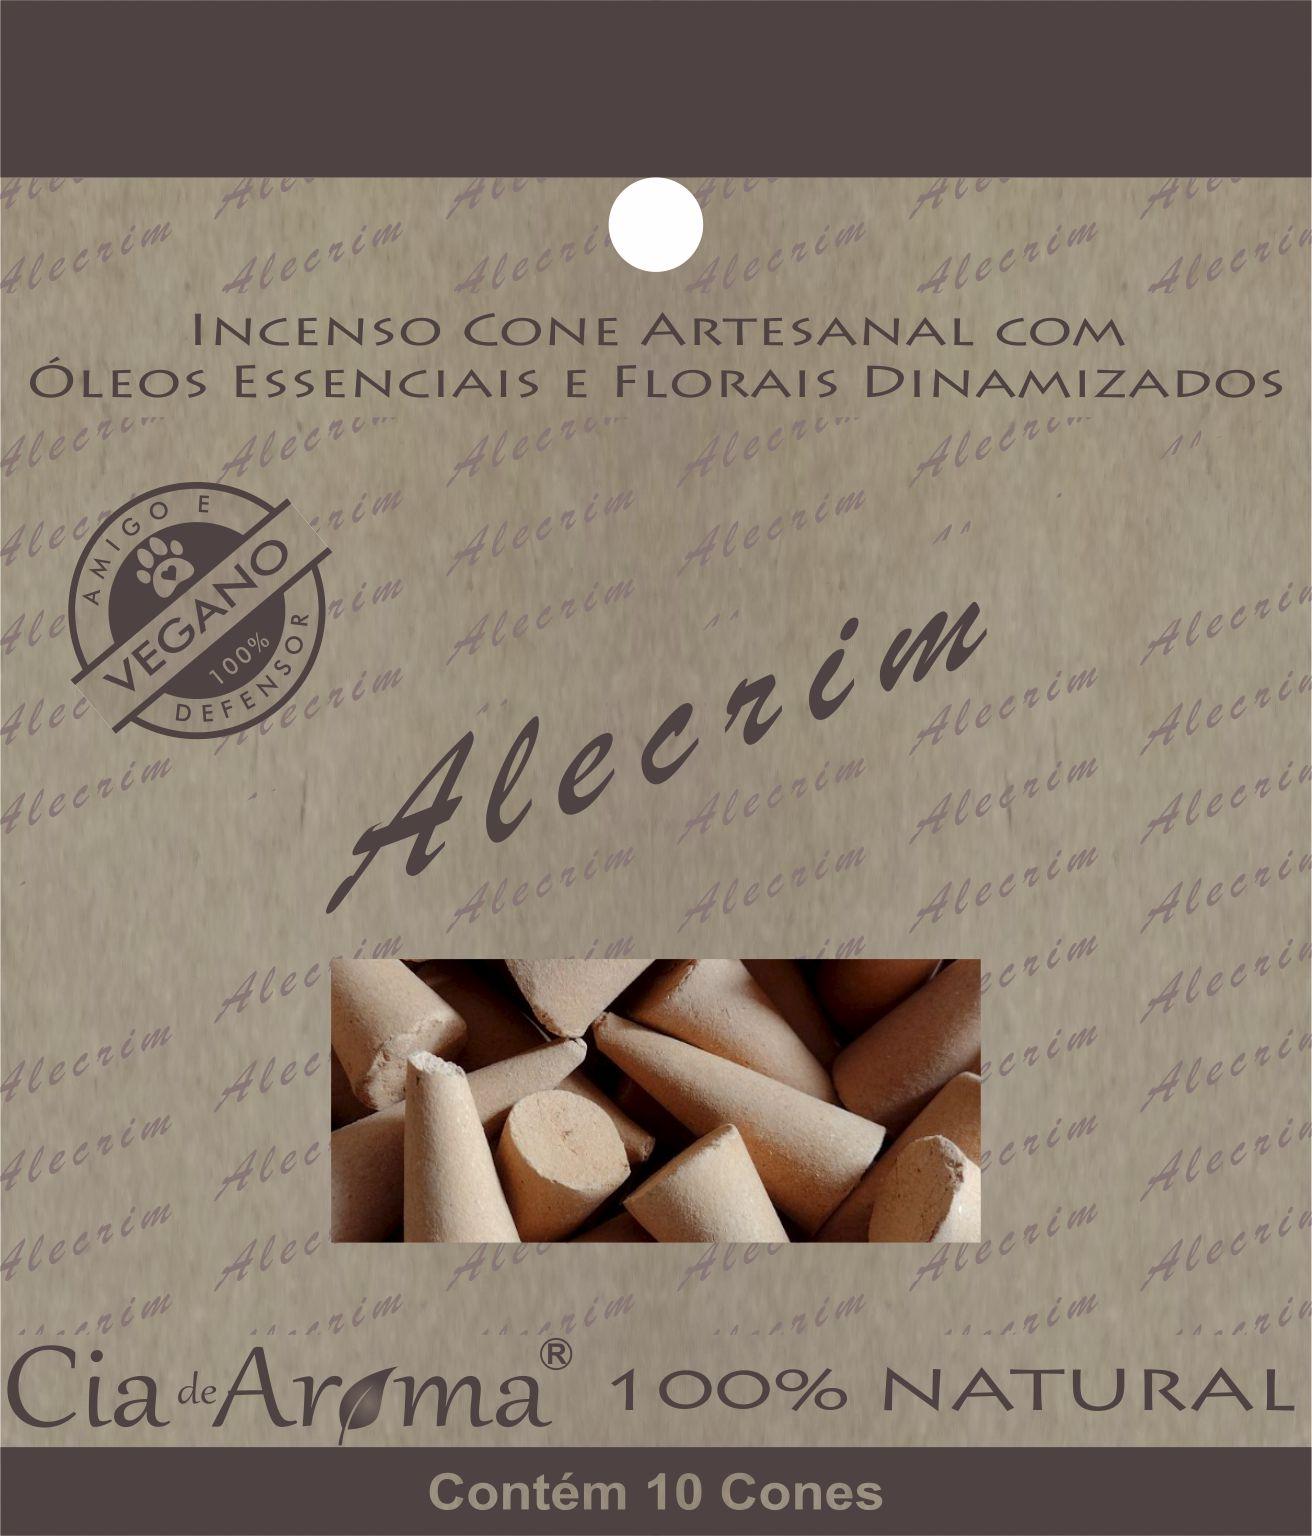 Incenso Cone Alecrim | 10 Cone